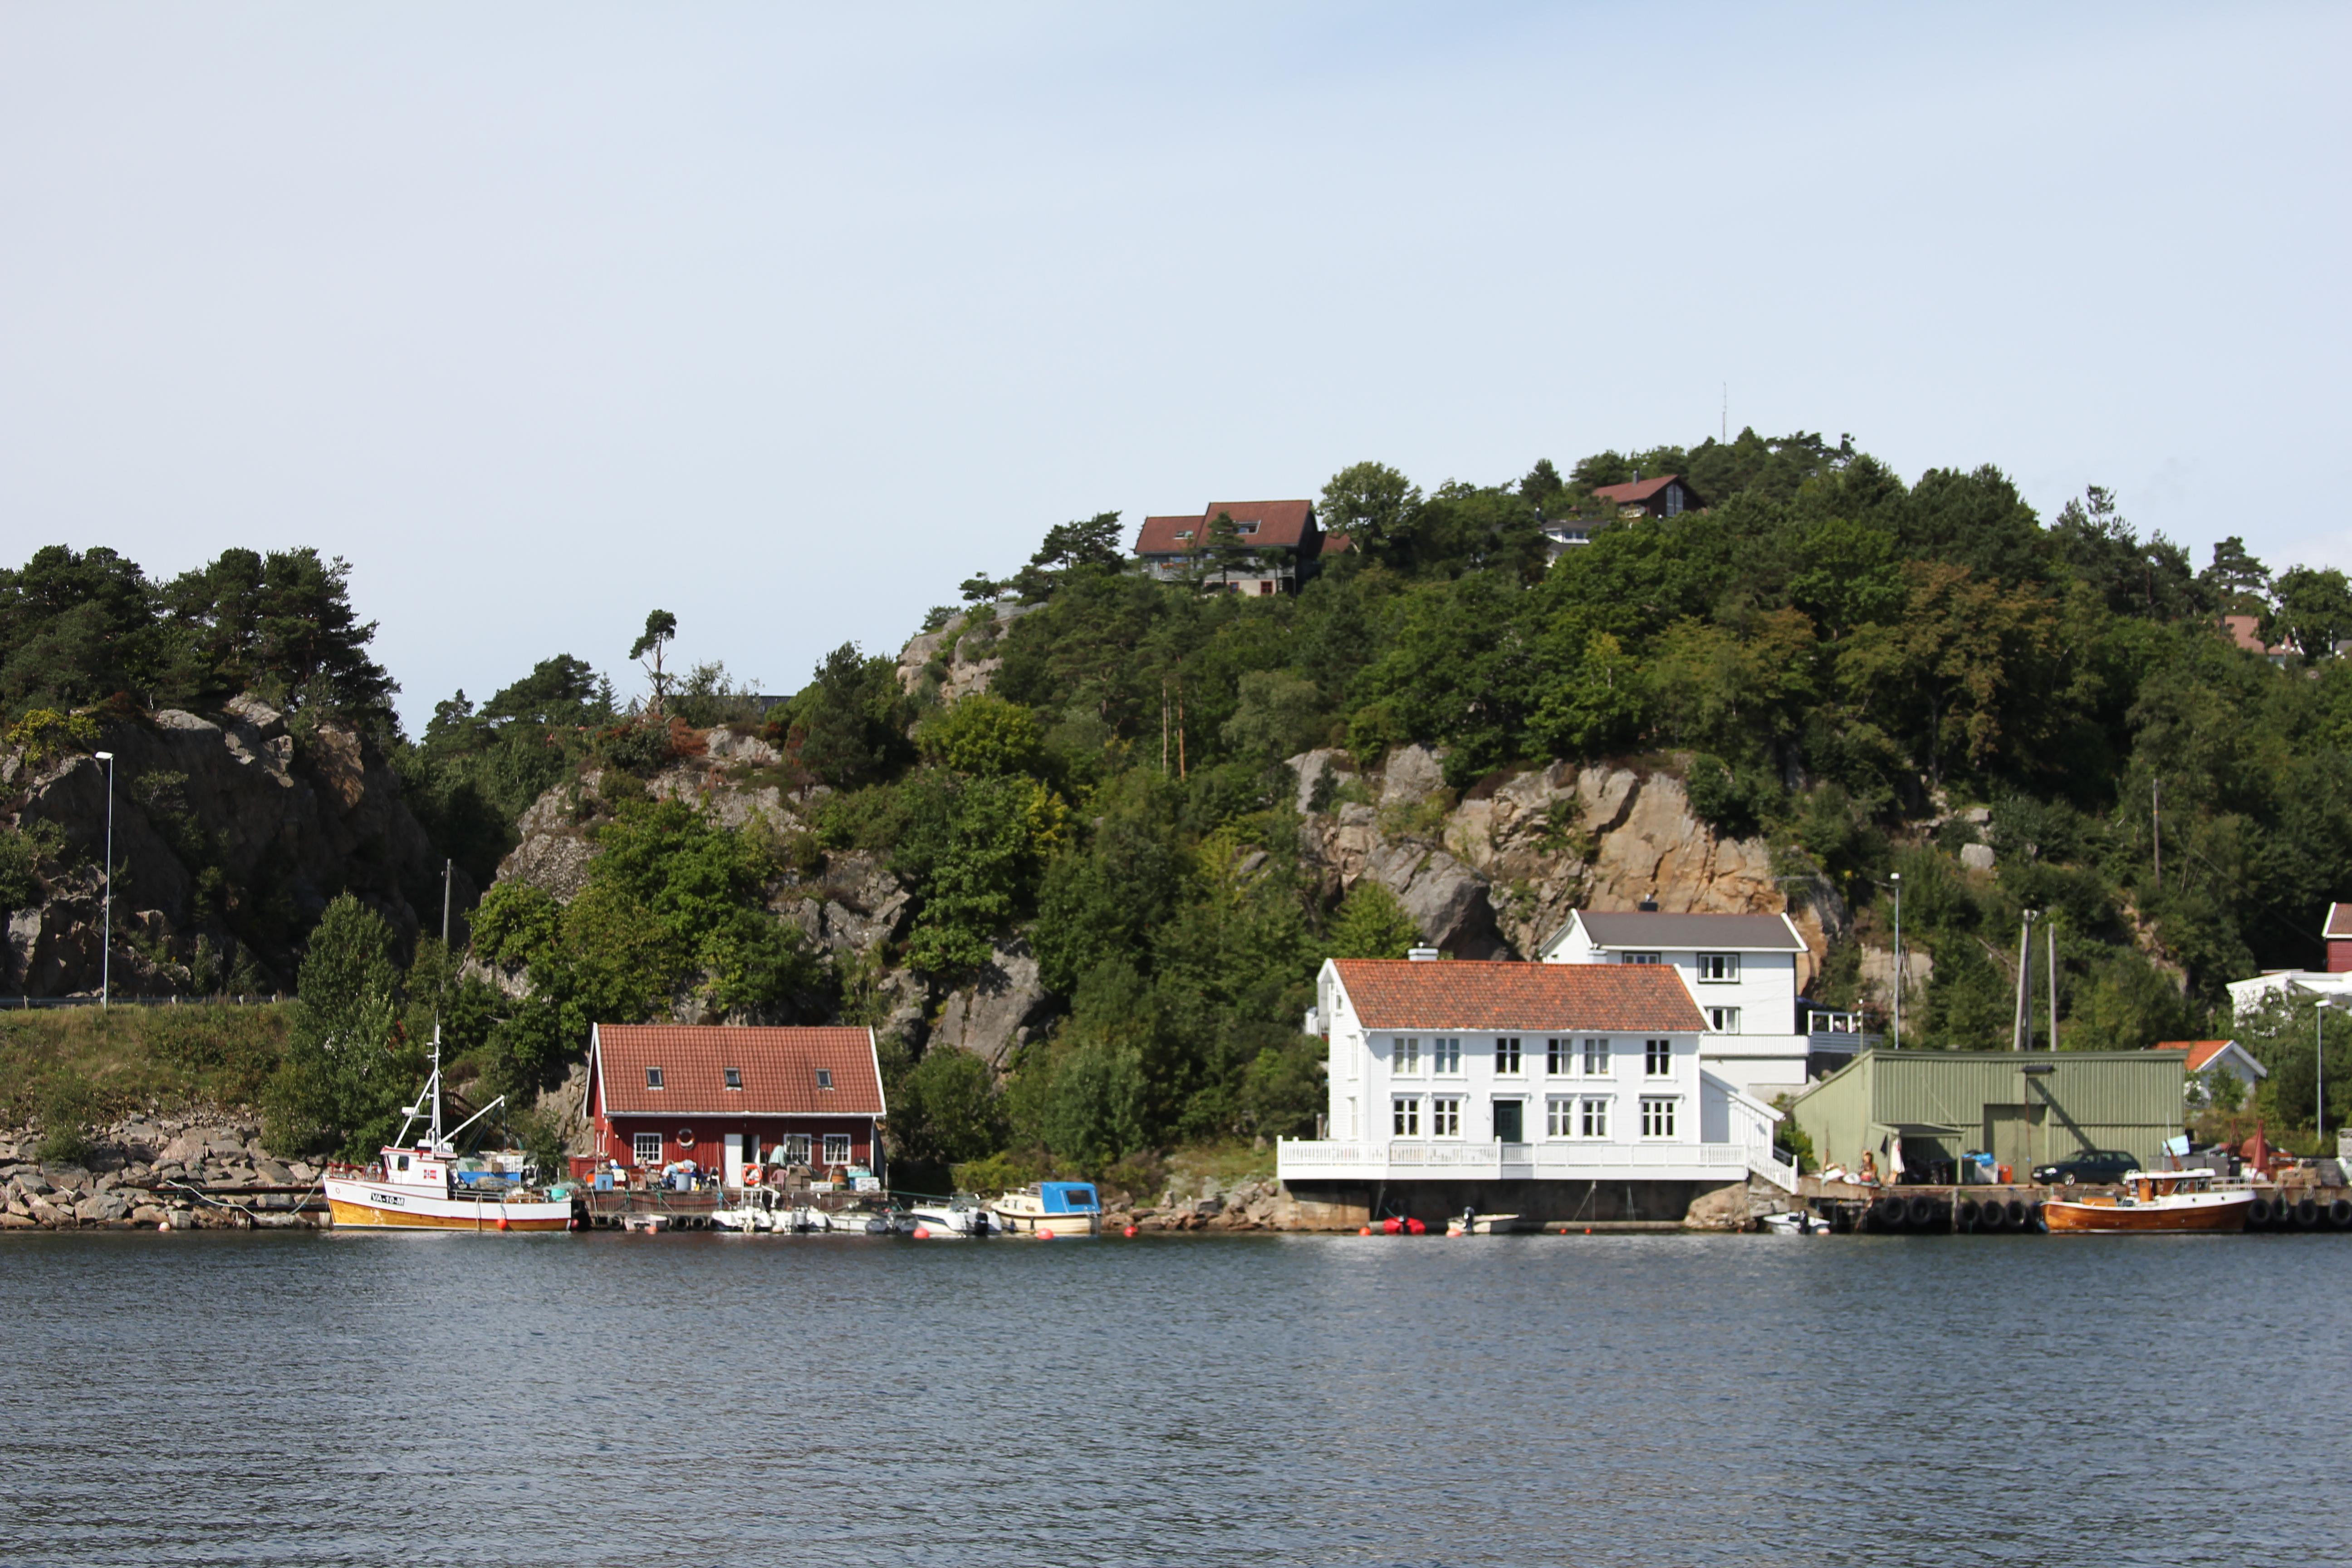 mandal dating norway kvæfjord singelklubben